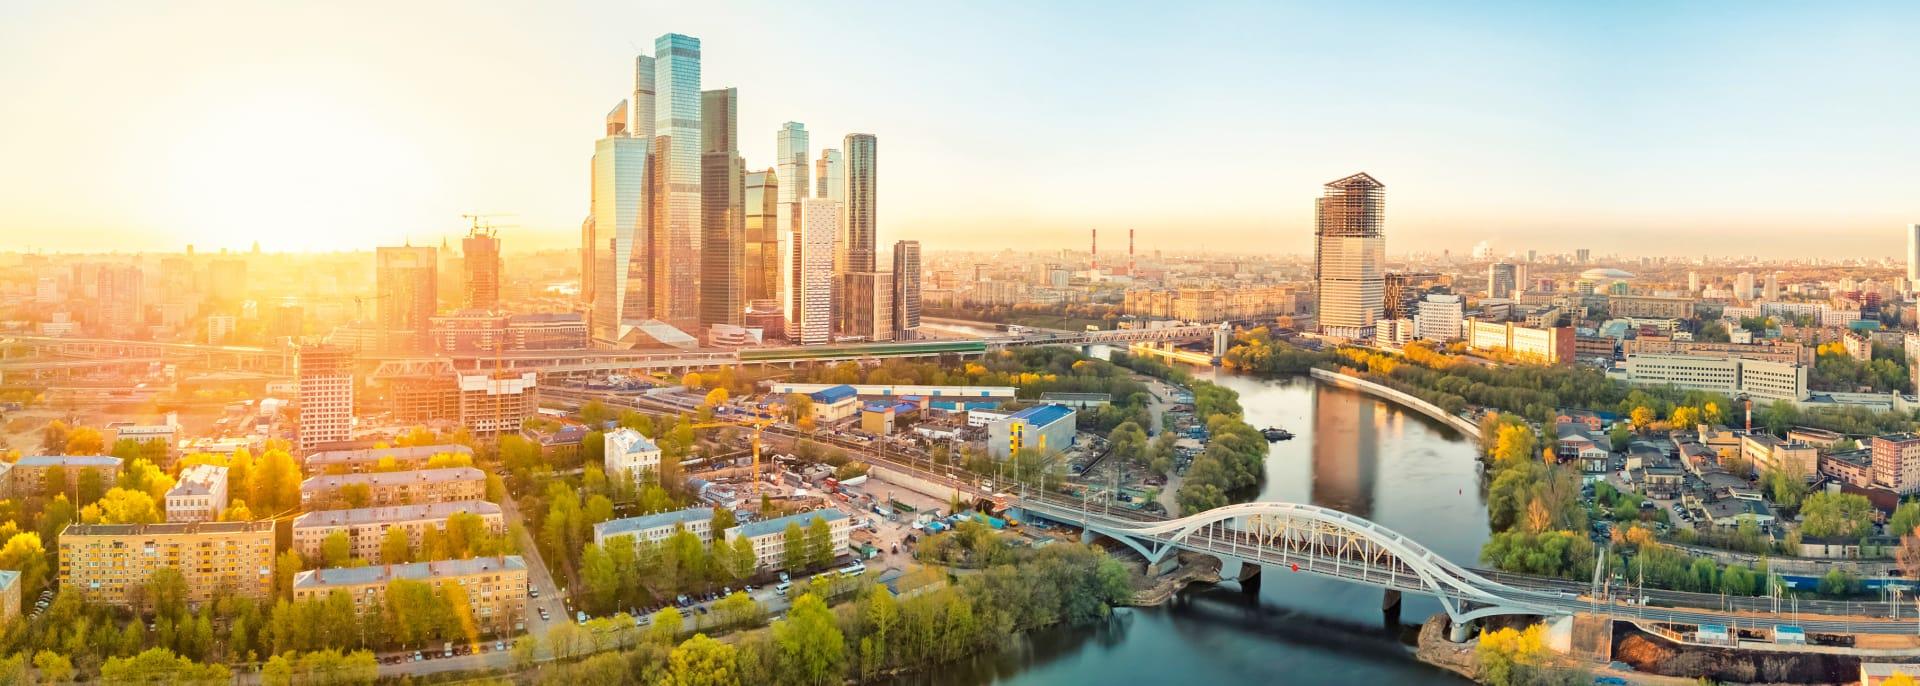 Moskauer Stadtviertel, Moskau, Russland